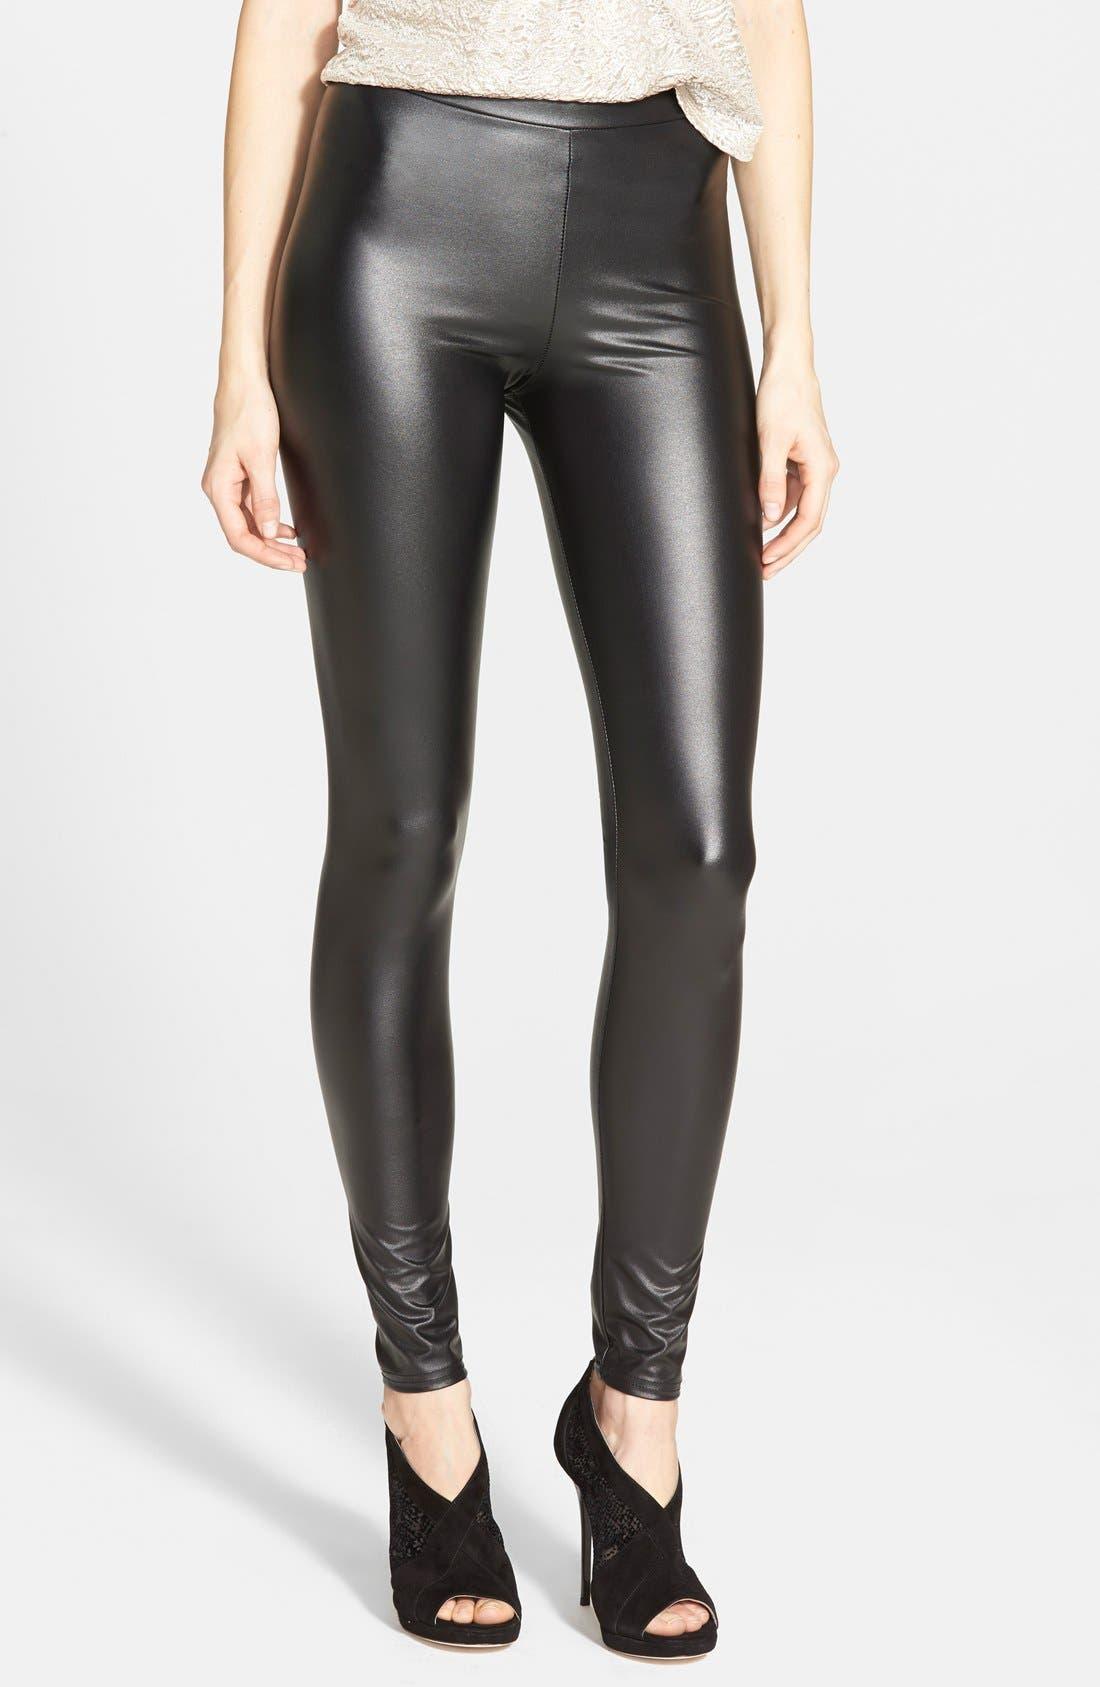 Main Image - Topshop Textured Wet Look Leggings (Regular & Petite)